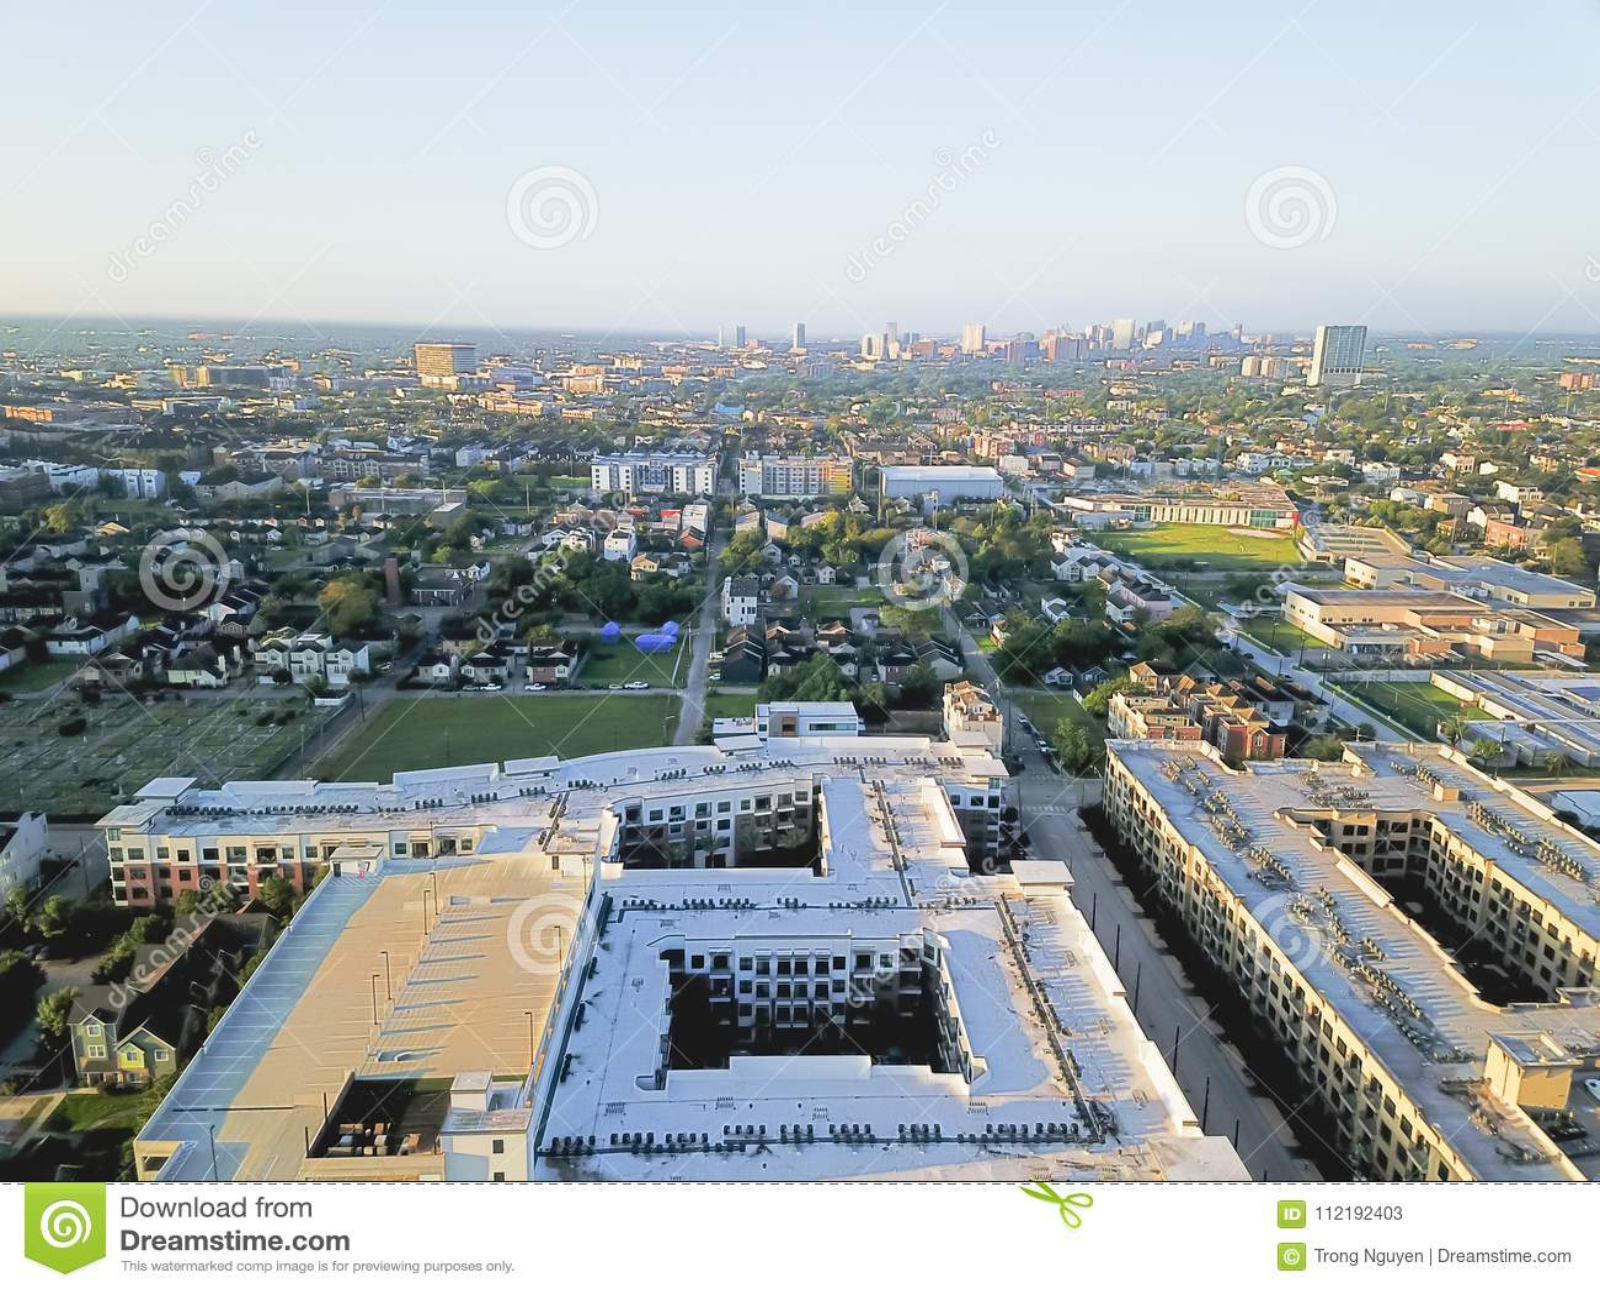 在街市休斯敦,得克萨斯西部的鸟瞰图第四病区区